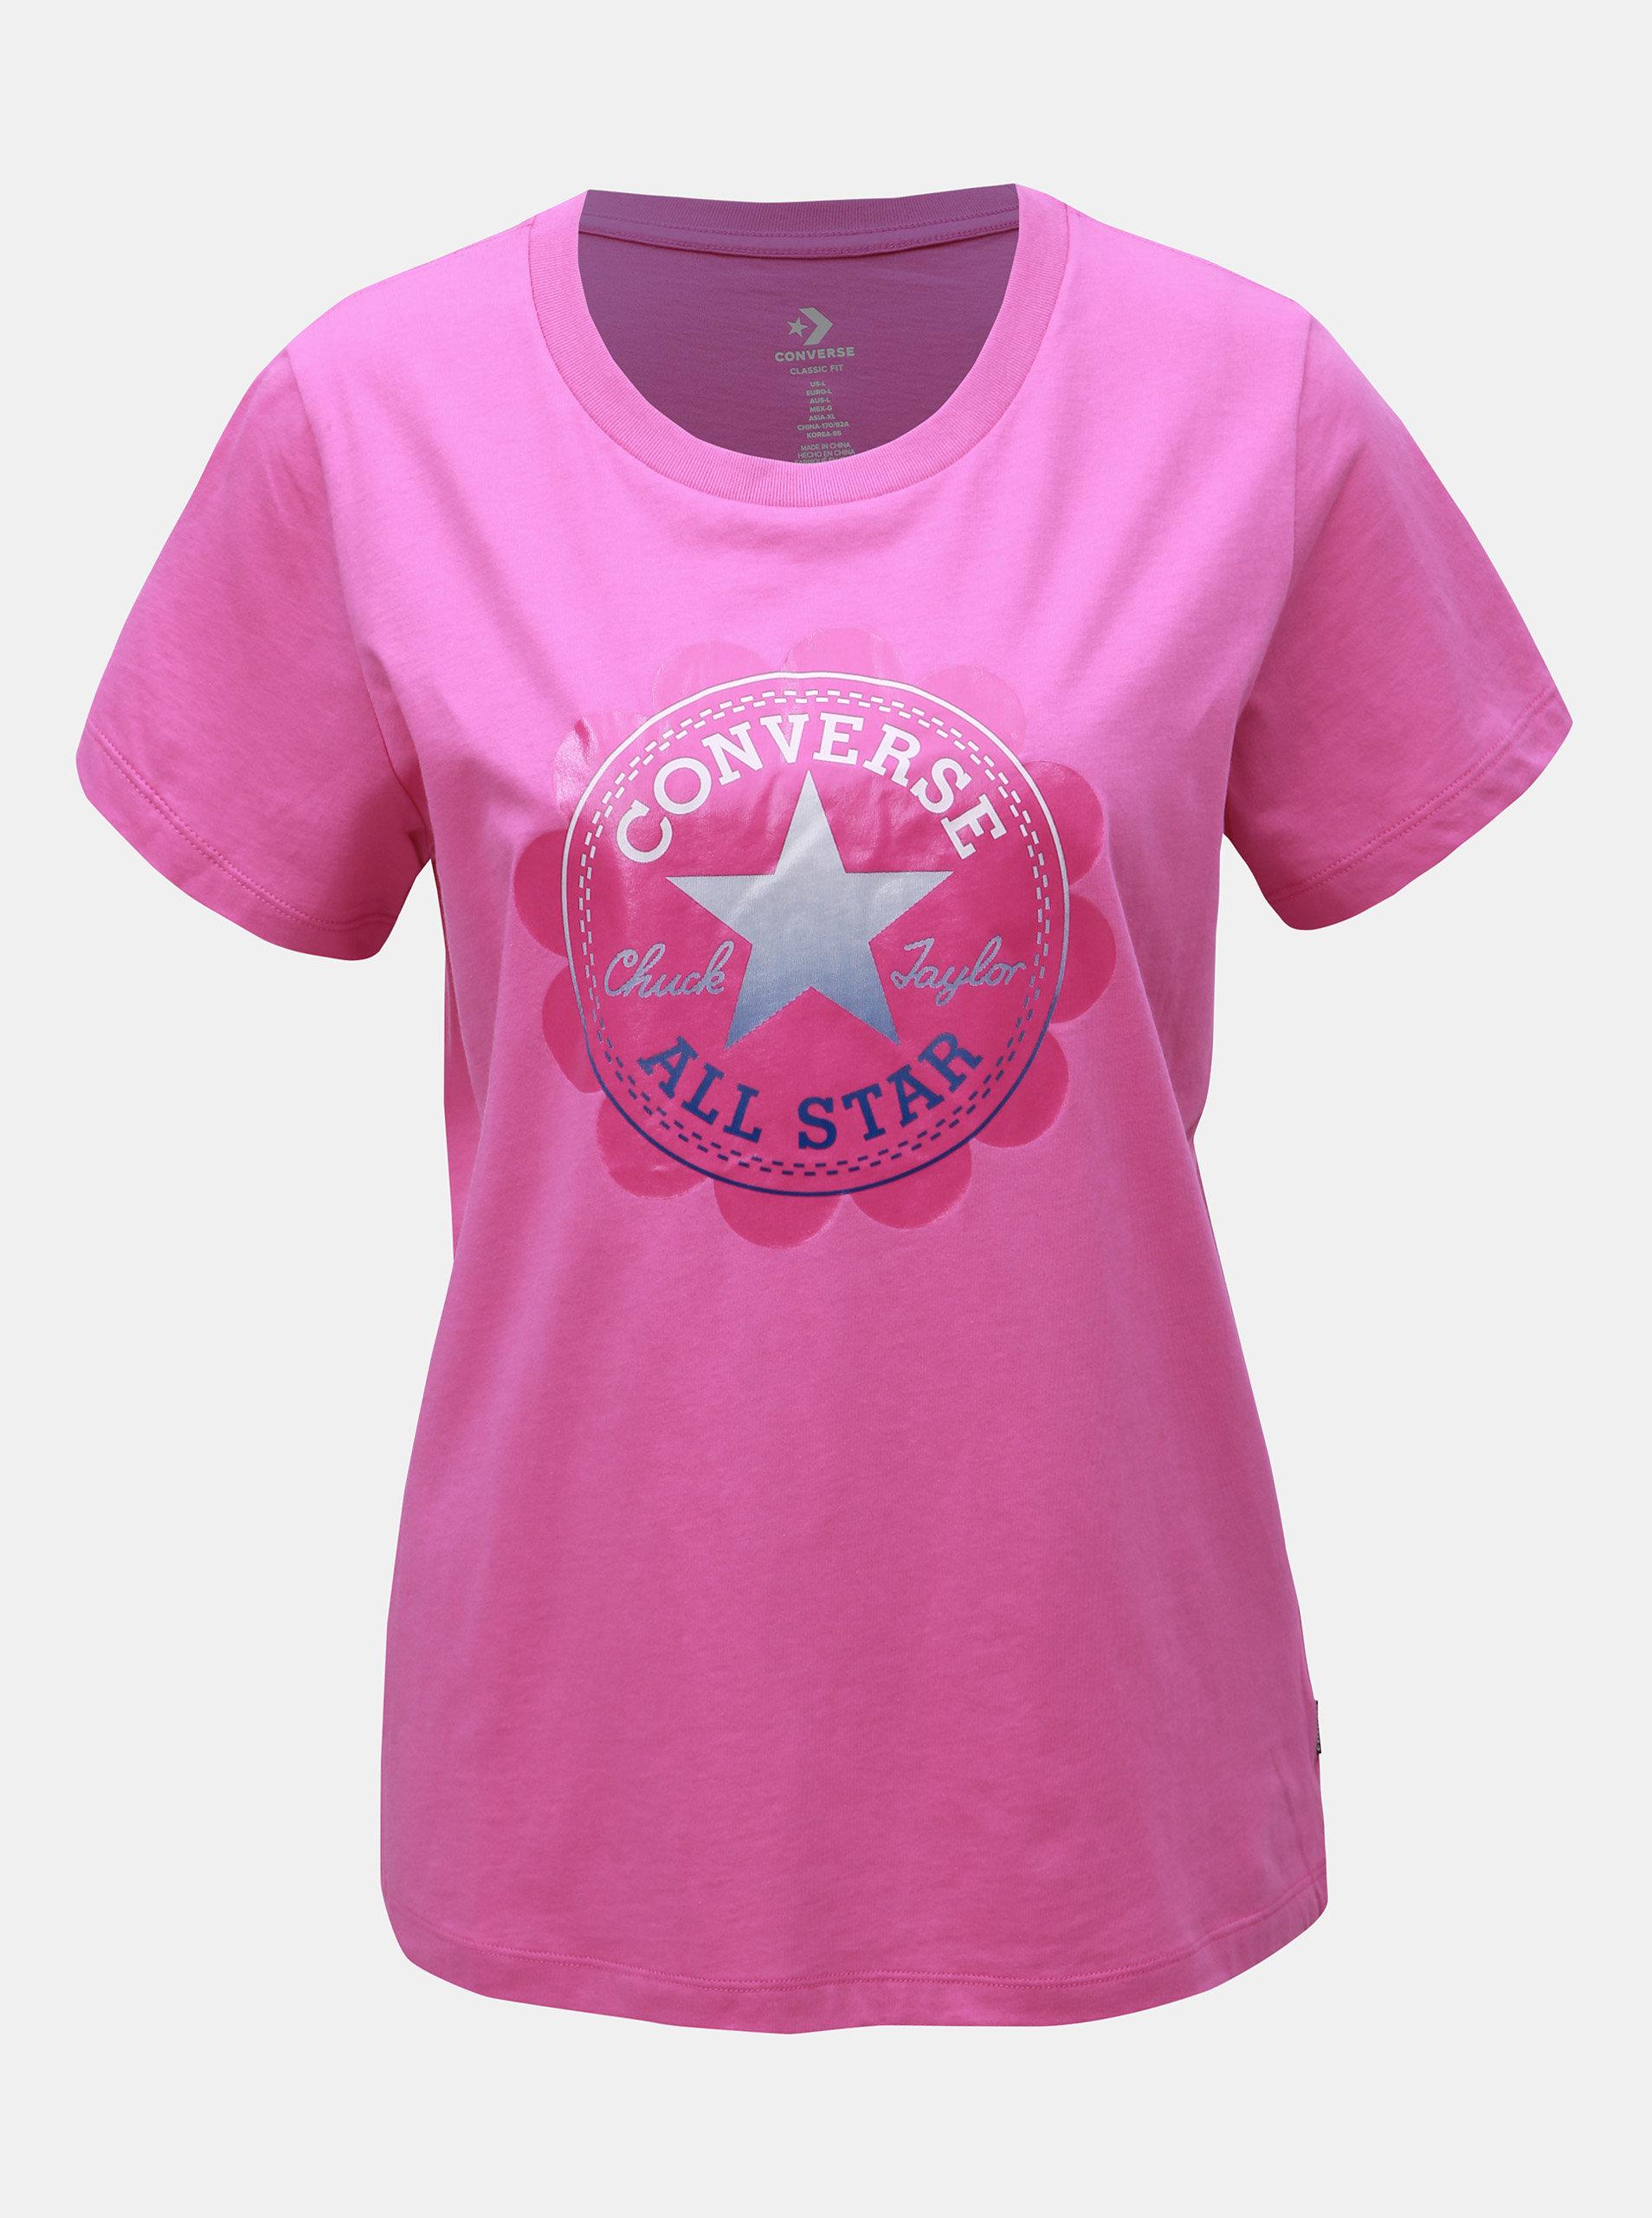 baf811be39e5 Růžové dámské tričko s potiskem Converse ...